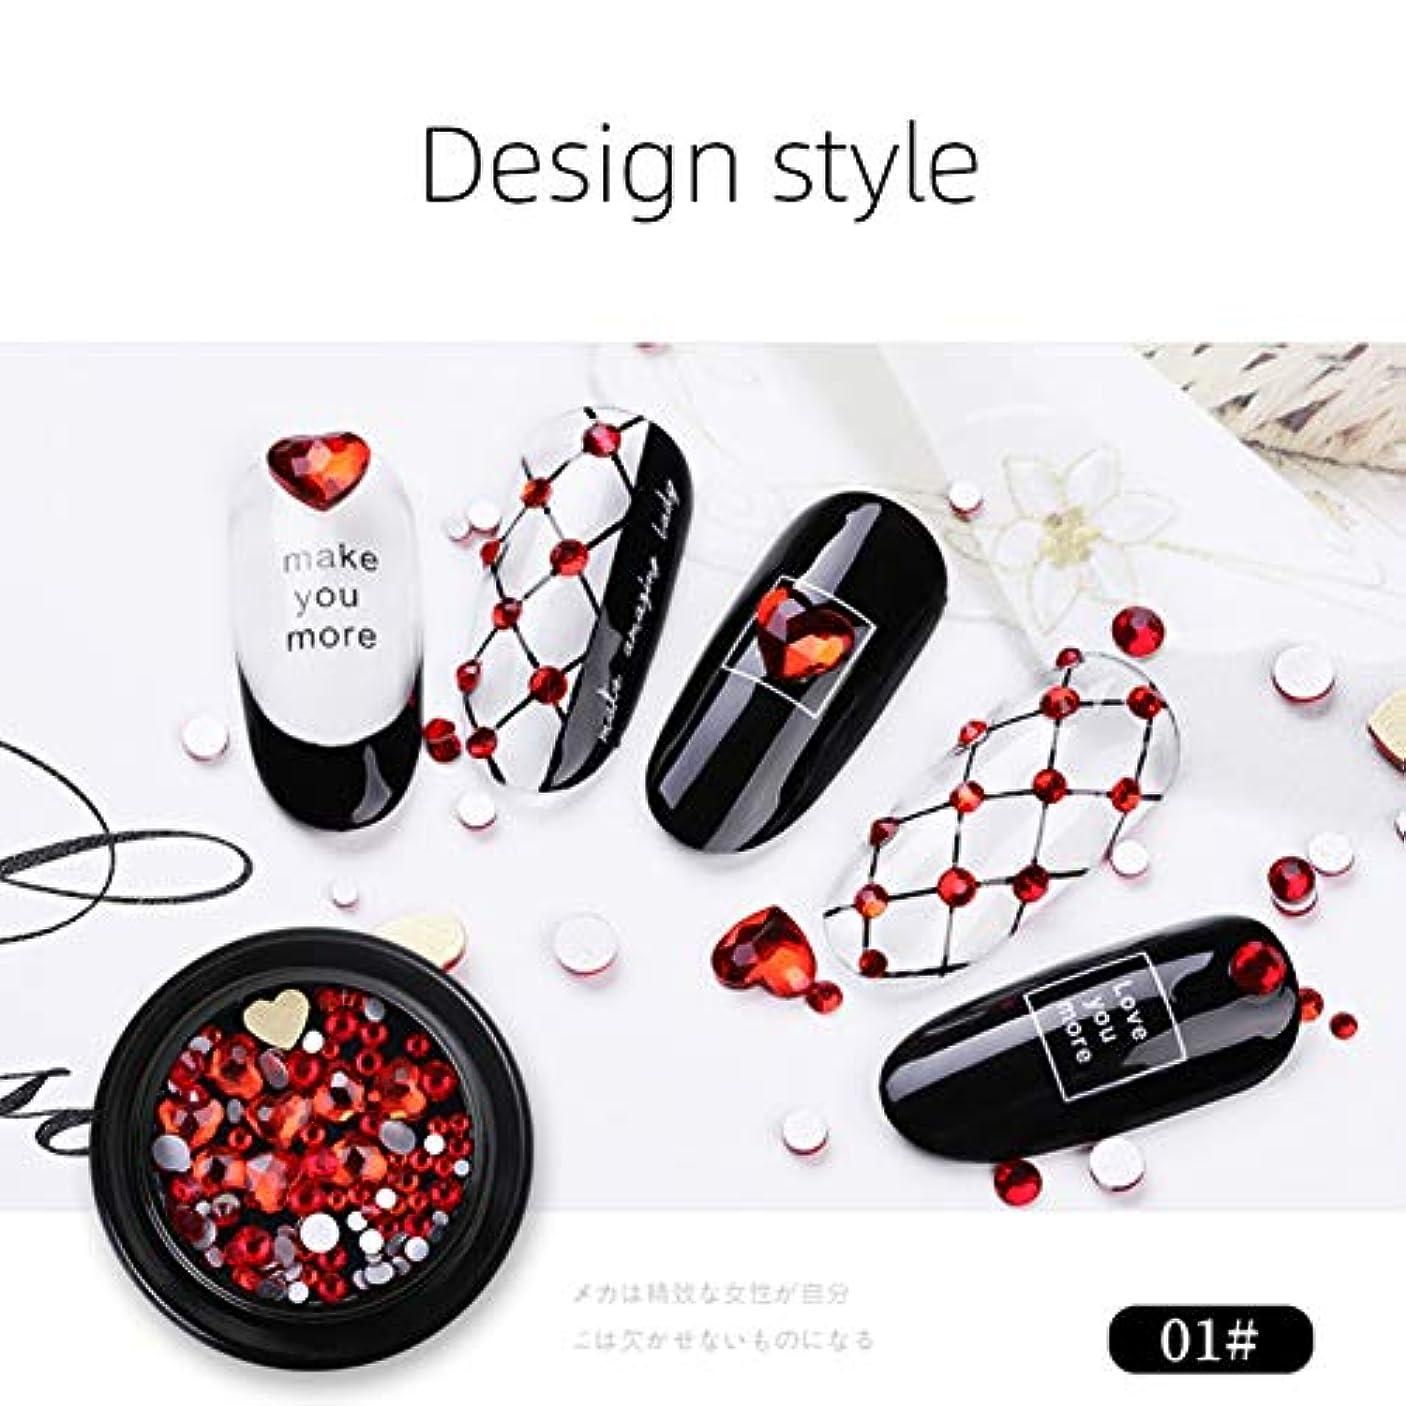 パスタ注入する混合したKISSION マニキュア ガラスドリルミキシング 光沢のあるスティックドリル ダイヤモンド ジュエリー装飾 ネイルDIY ファッションネイルアクセサリー